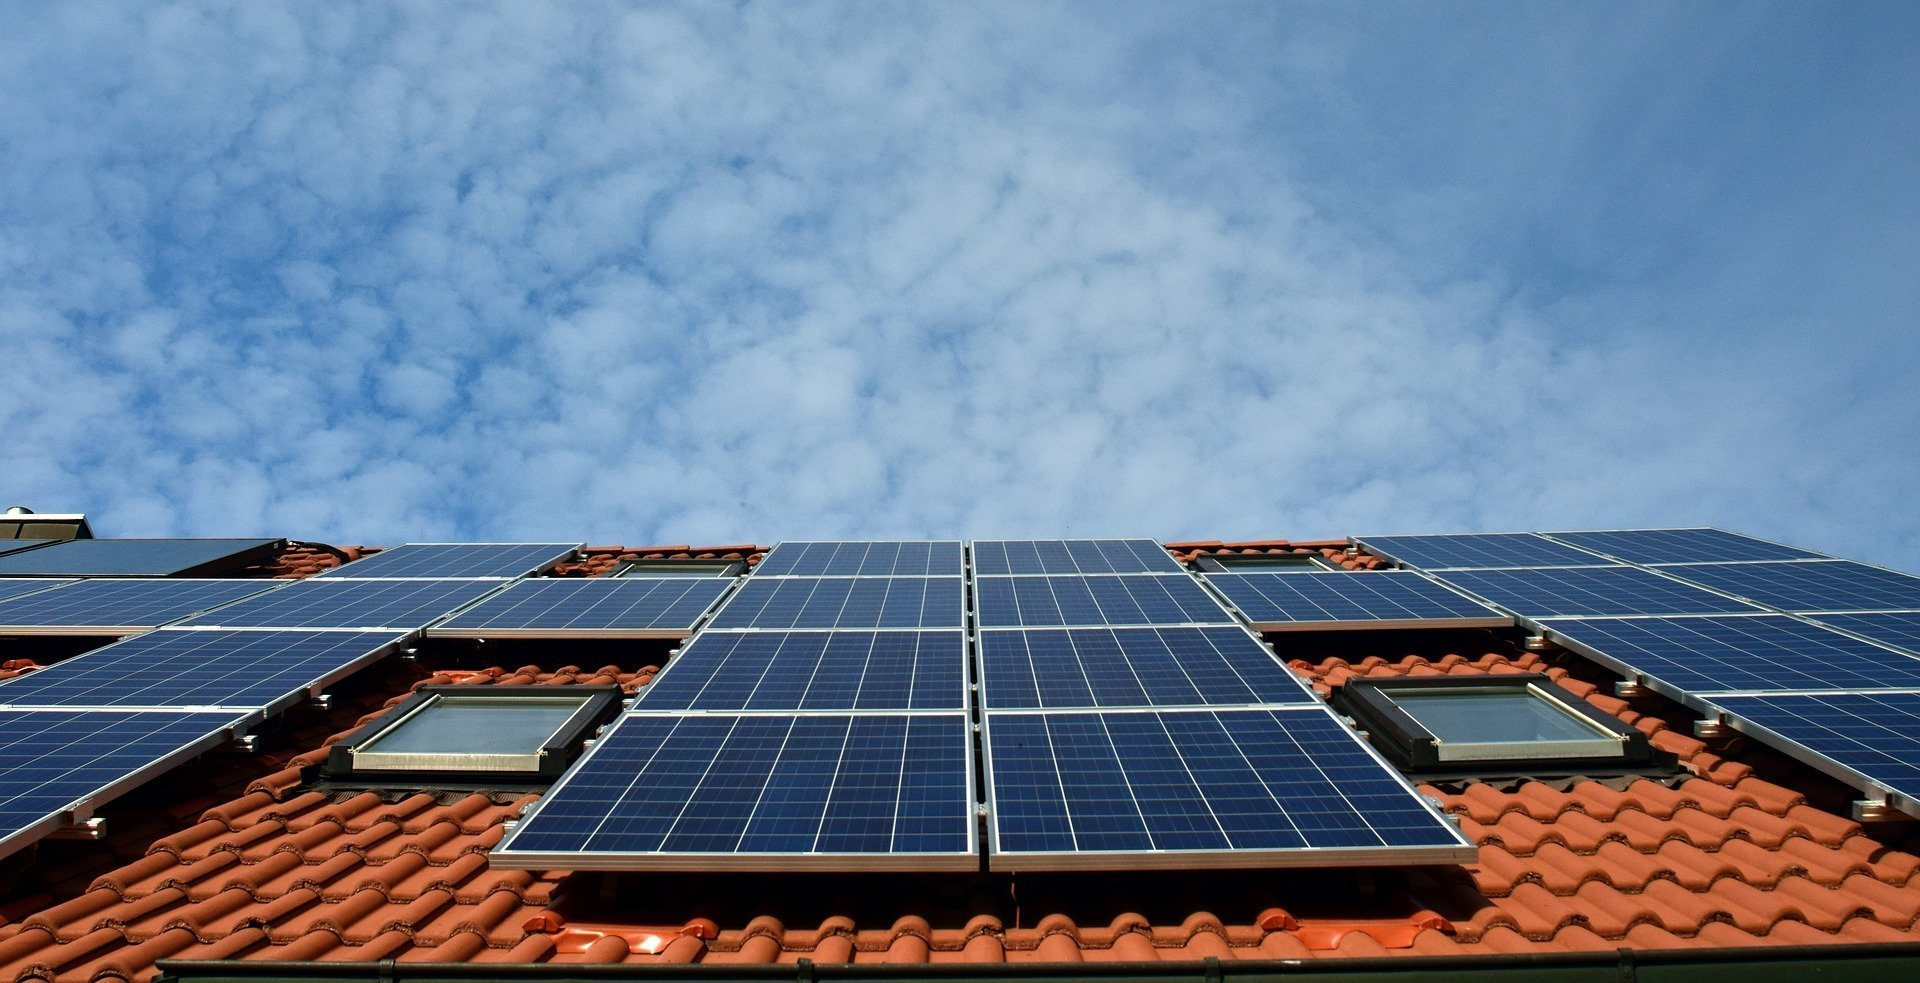 """Vprůběhu minulého roku vyřizovalo Ministerstvo průmyslu a obchodu (MPO) na 274 žádostí firem o dotaci na instalaci nových solárních elektráren a vrámci této výzvy následně poskytlo celkem 612 milionů korun. Program """"Úspora energie – Fotovoltaické systémy s/bez akumulace pro vlastní spotřebu"""" (UEFS) však pokračuje i letos a ministerstvo na projekty opět vyčlenilo celé 2 miliardy korun. Kdy a jakým způsobem lze o podporu žádat? A liší se nějak podmínky prvního a druhého kola výzvy?"""